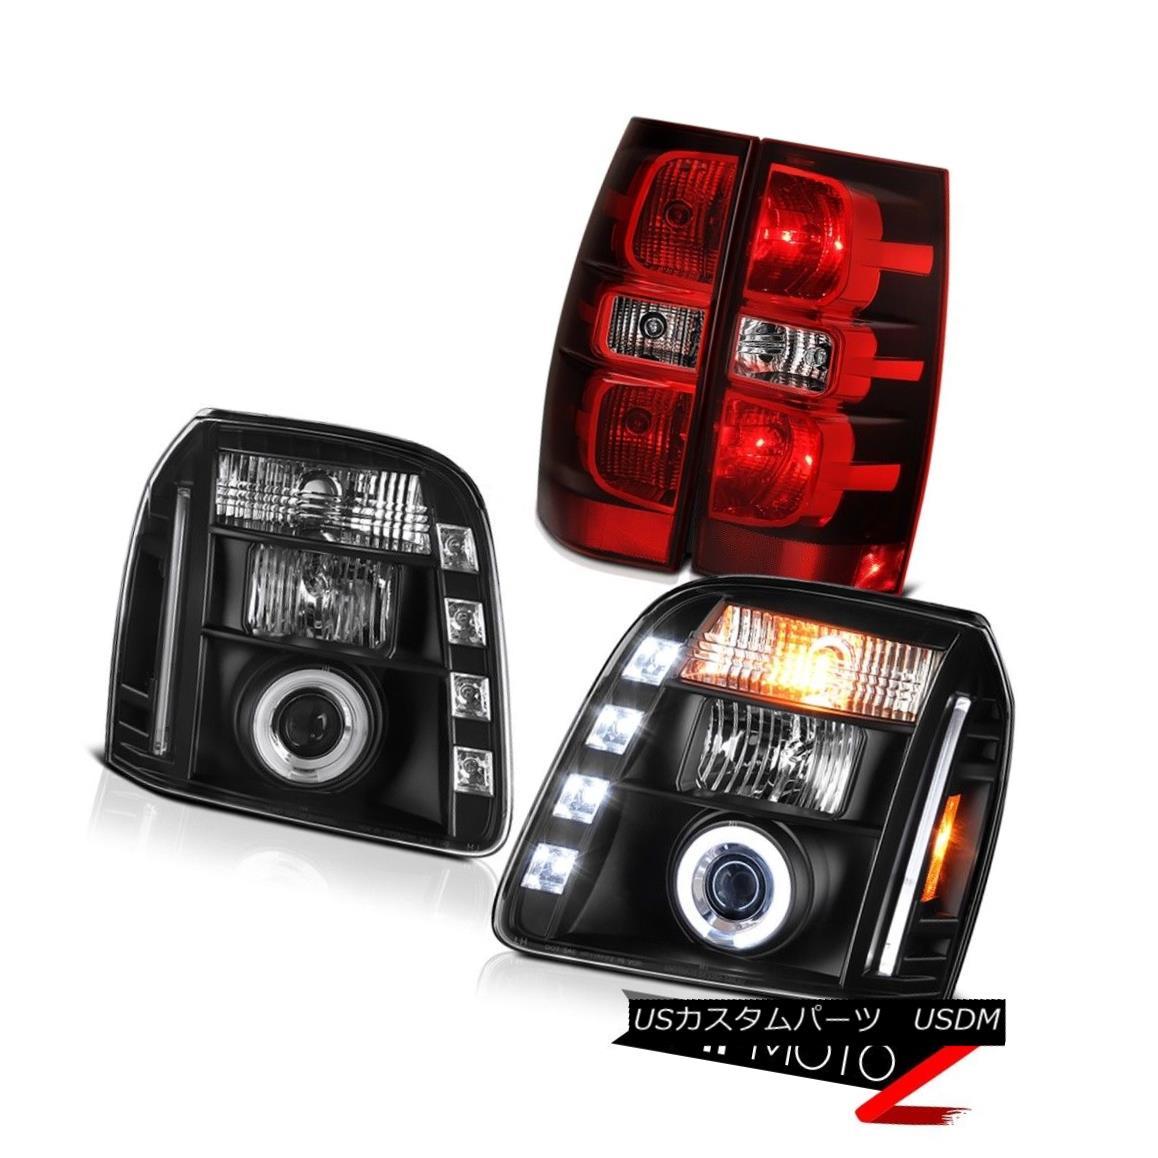 テールライト 07-14 GMC Yukon SLT Red Clear Parking Brake Lights Projector Headlamps Brightest 07-14 GMC Yukon SLTレッドクリアパーキングブレーキライトプロジェクターヘッドランプ